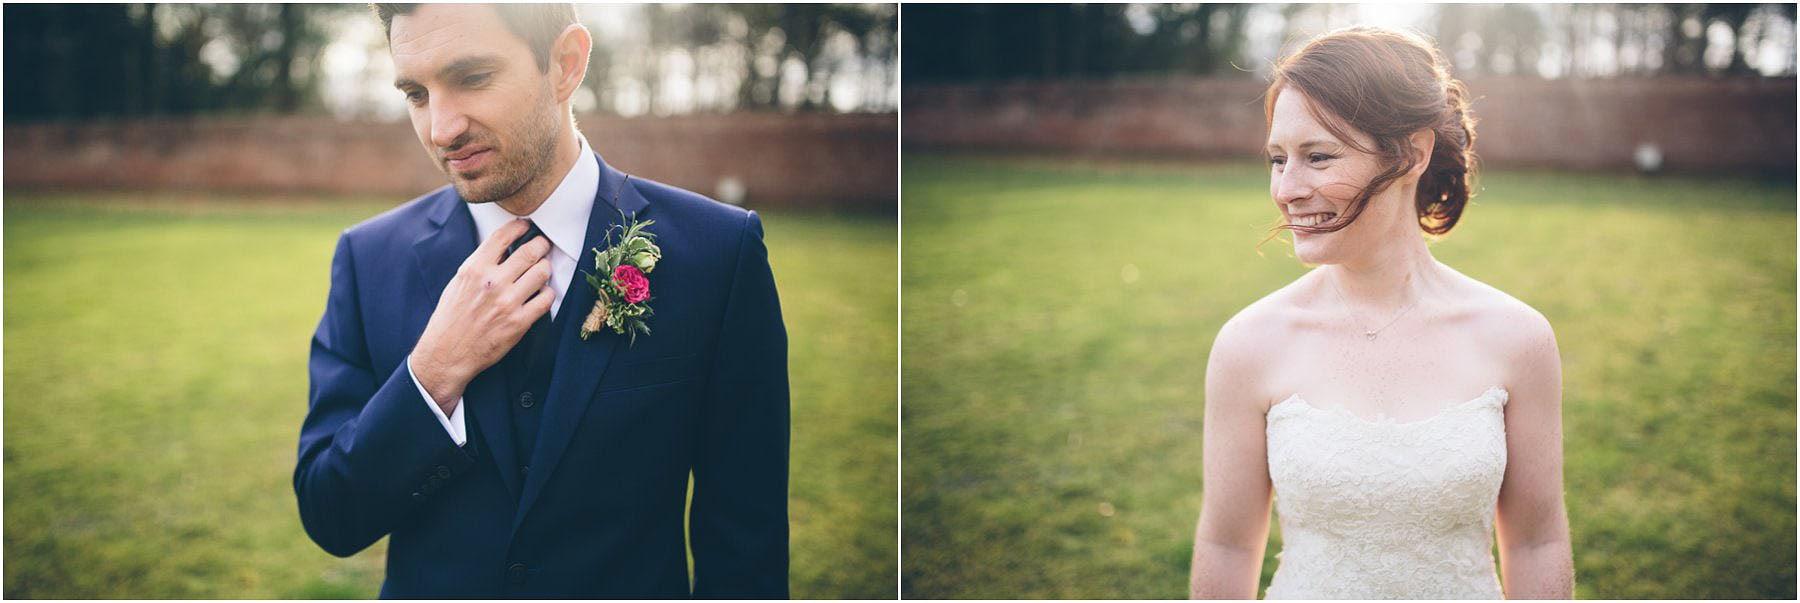 Fasque_House_Wedding_Photography_0087